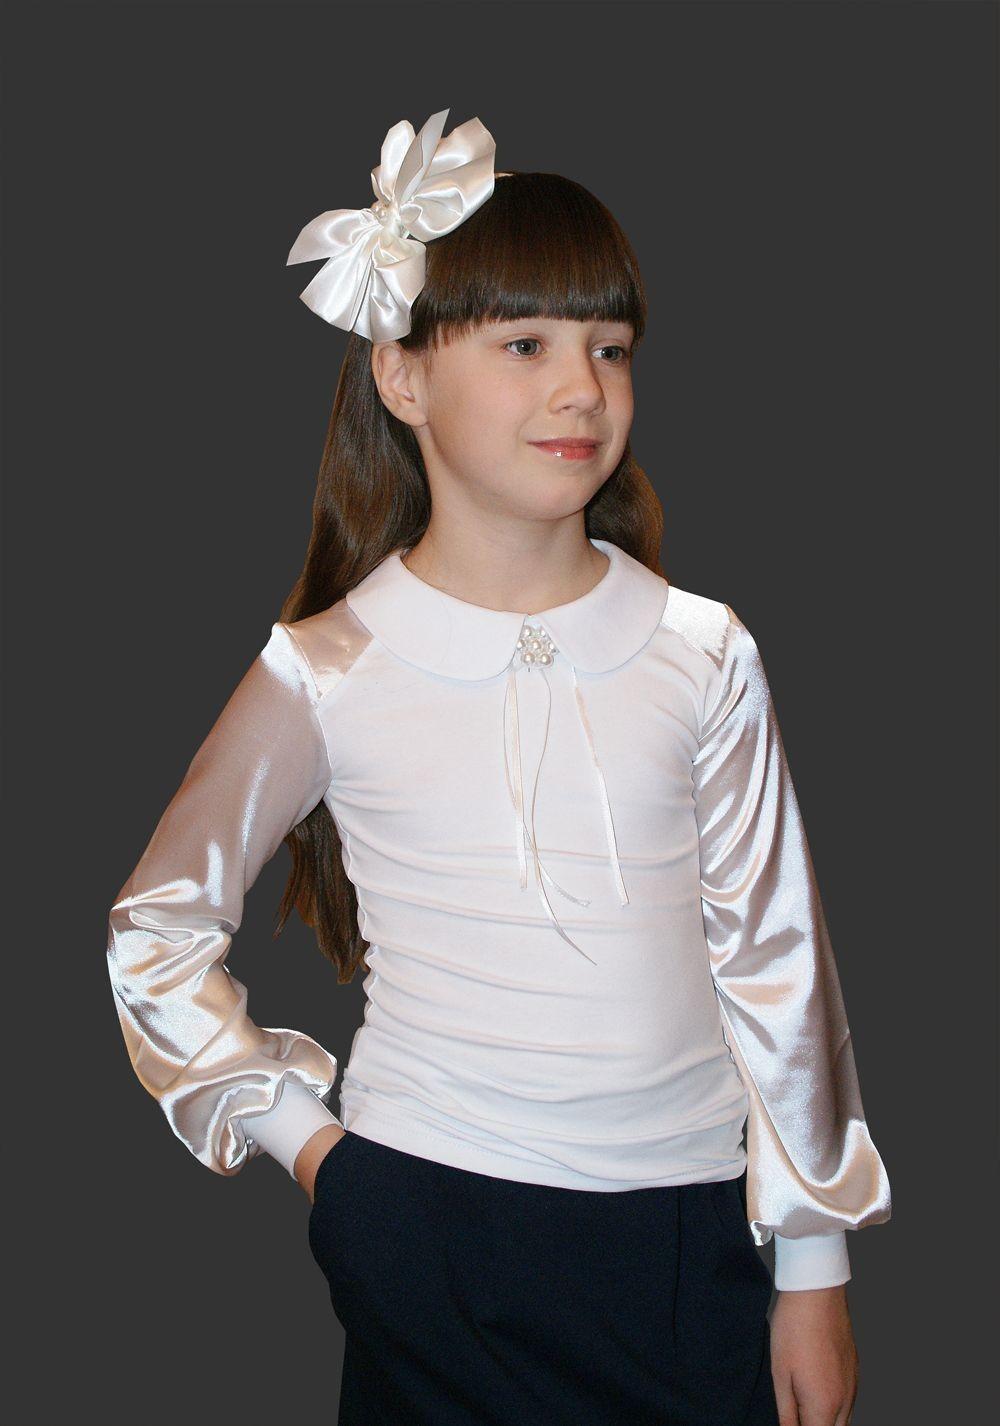 Сбор заказов. Красивая одежда для детей М@ттiель-14. Акция поставщика - 30% на коллекцию лето 2015 и мальчики! Нарядные блузки для школы от 295руб. Любые размеры от 98 до 158 роста без рядов. Последний выкуп перед школой!